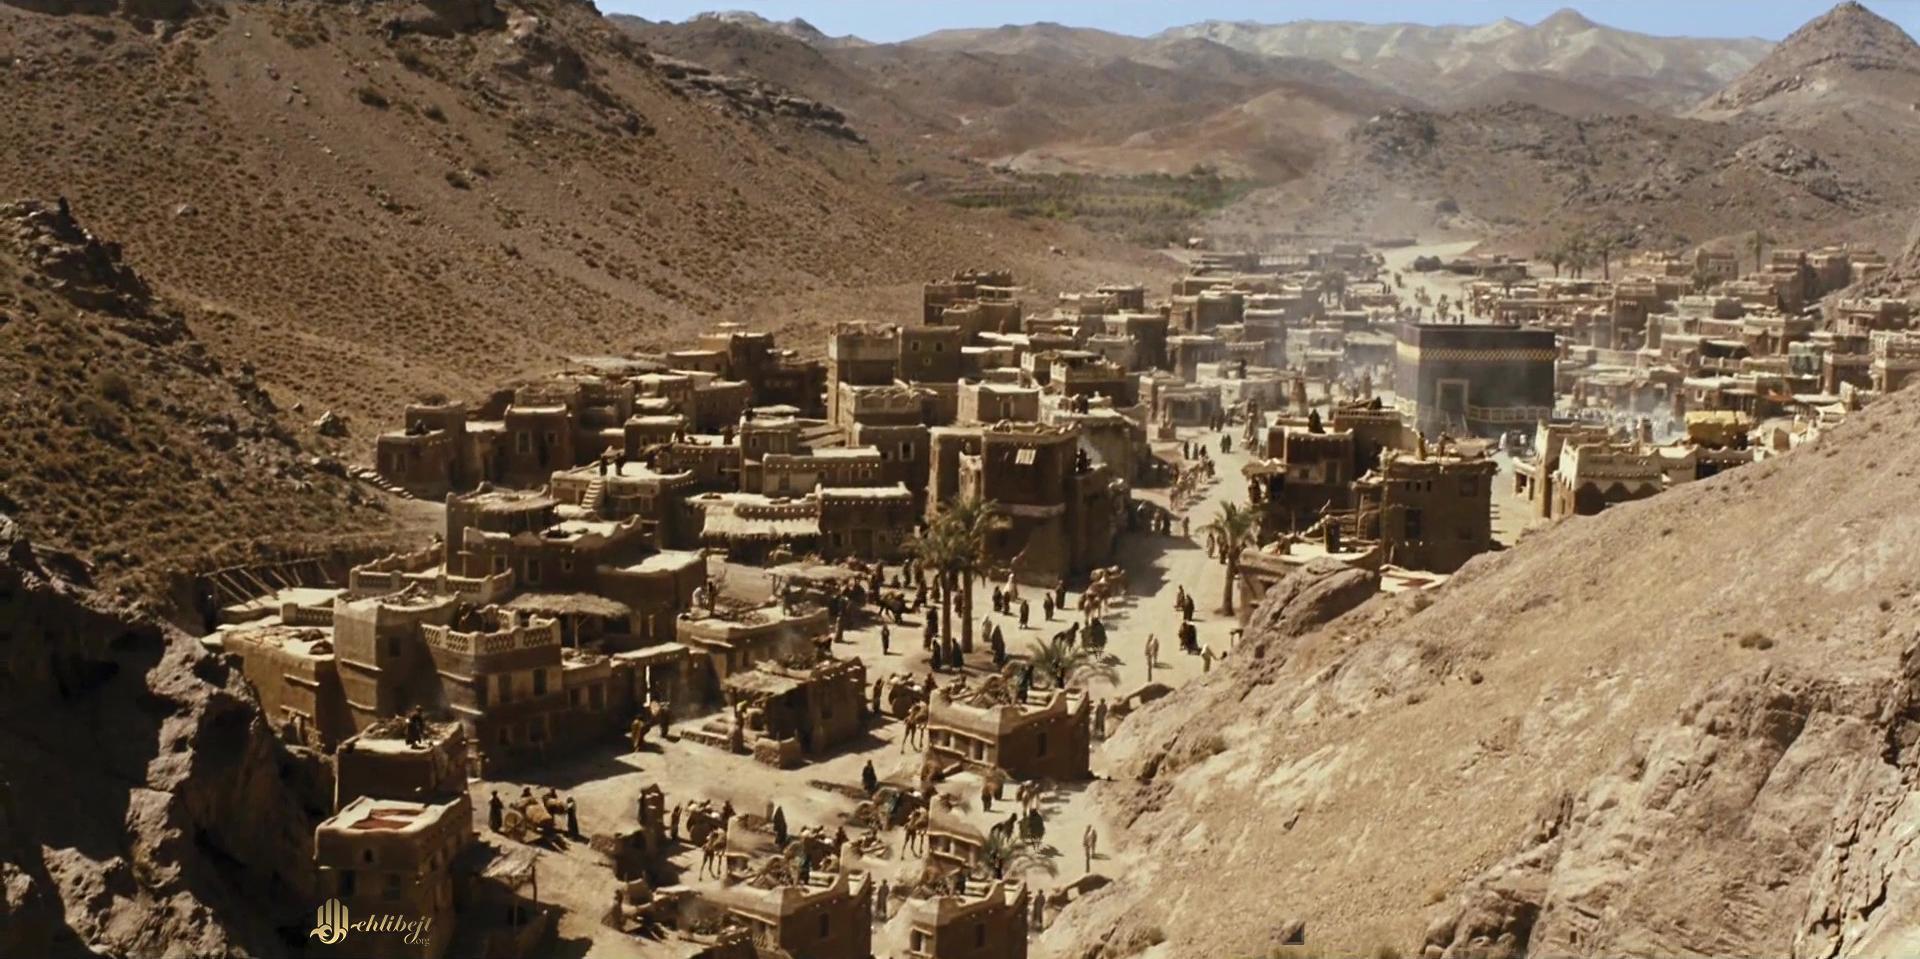 Otvorenost prema Poslanici i prepreke u Mekki